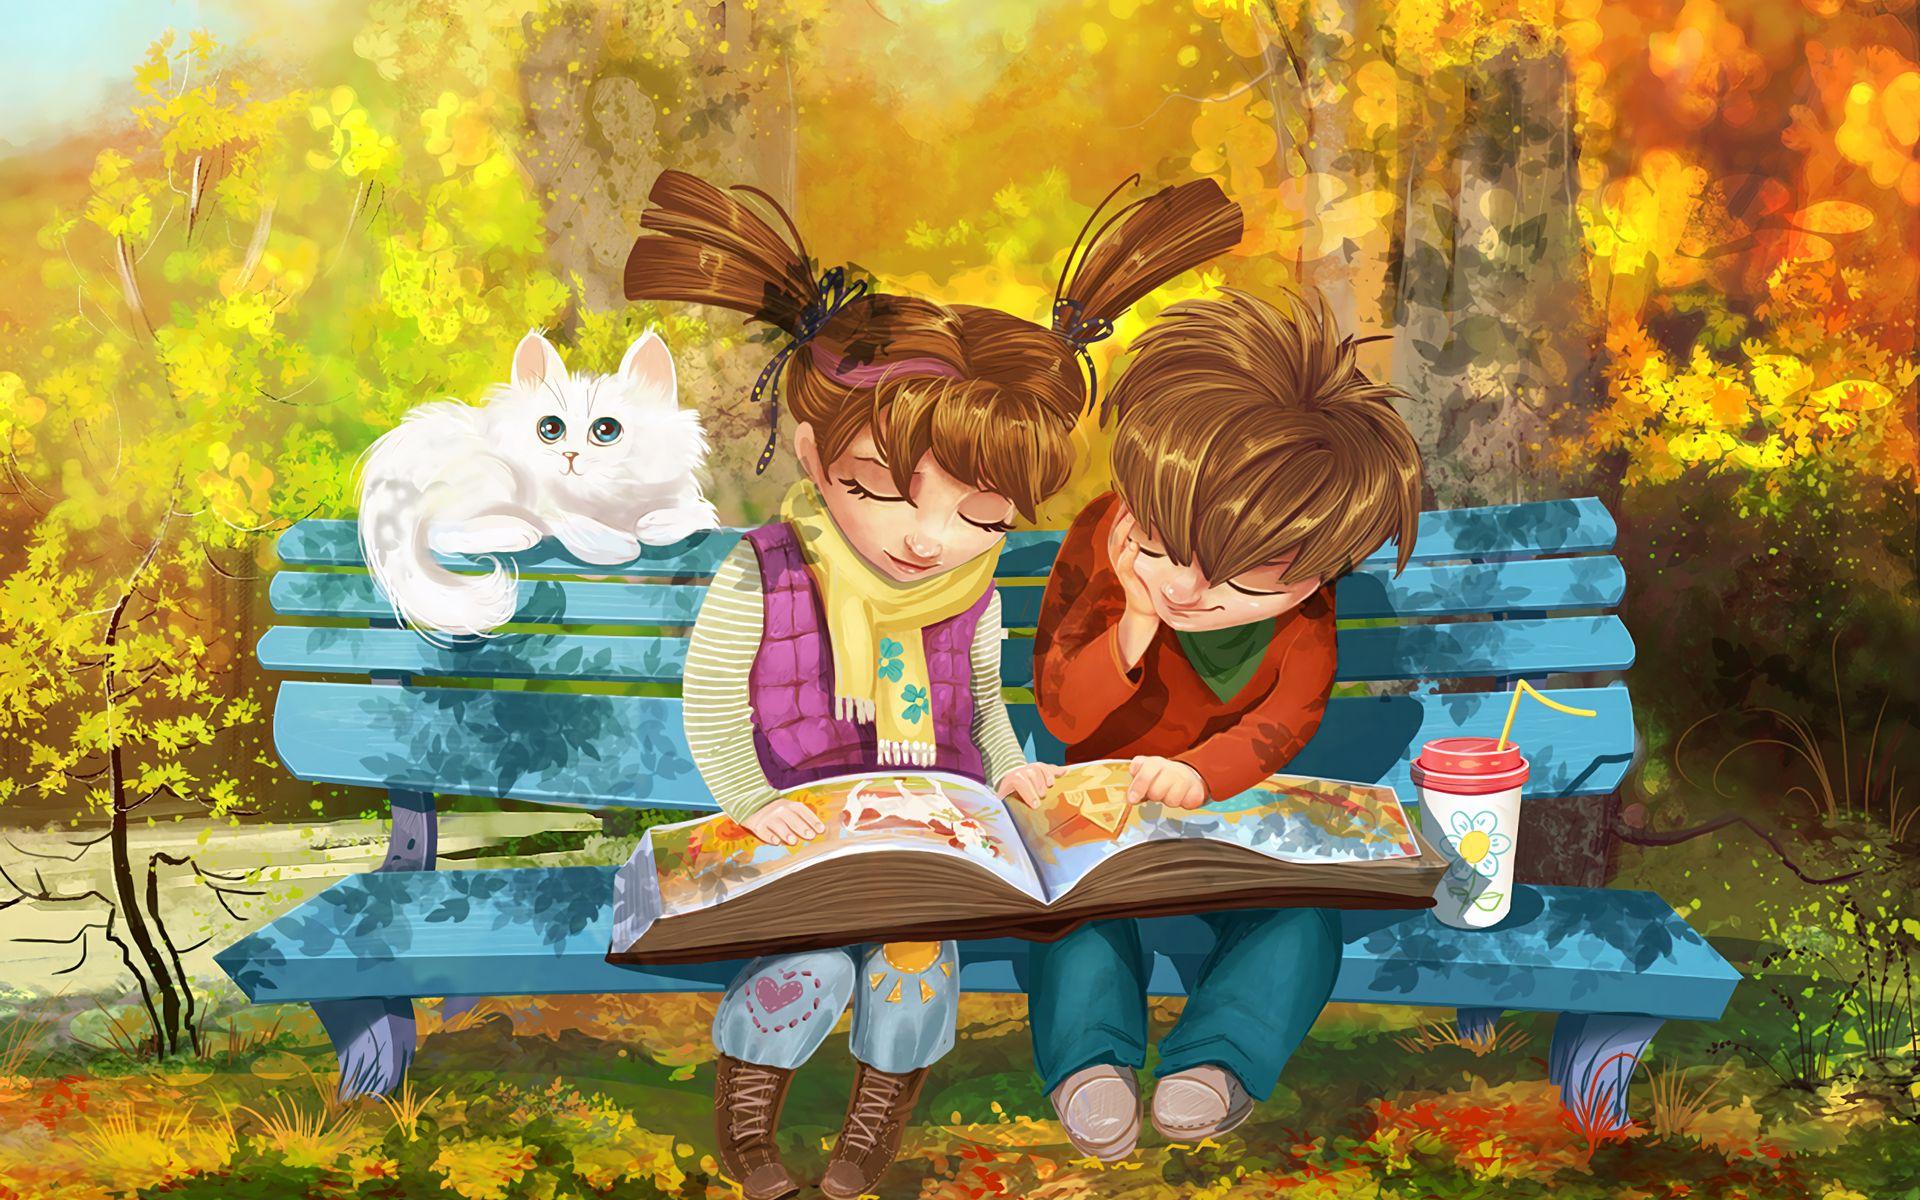 1920x1200 Wallpaper boy, girl, cat, bench, park, cute